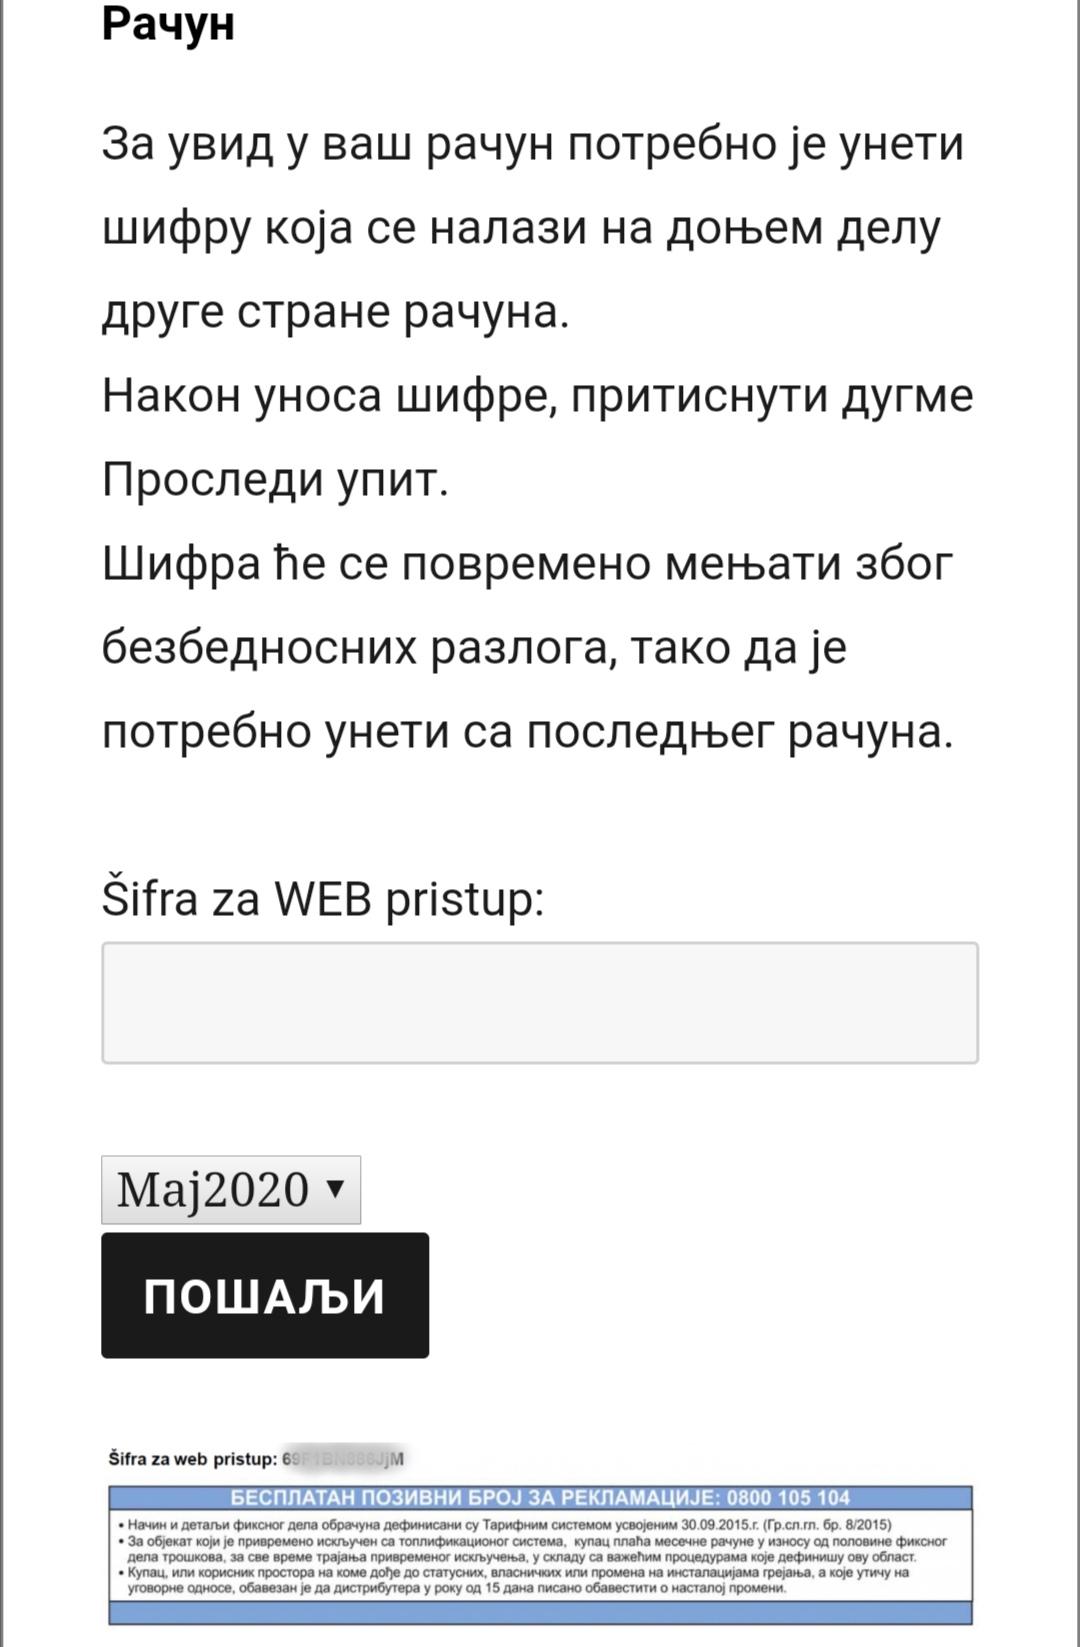 Usluga MOJ RAČUN na portalu JP Toplifikacija od majskog računa 2020 36672